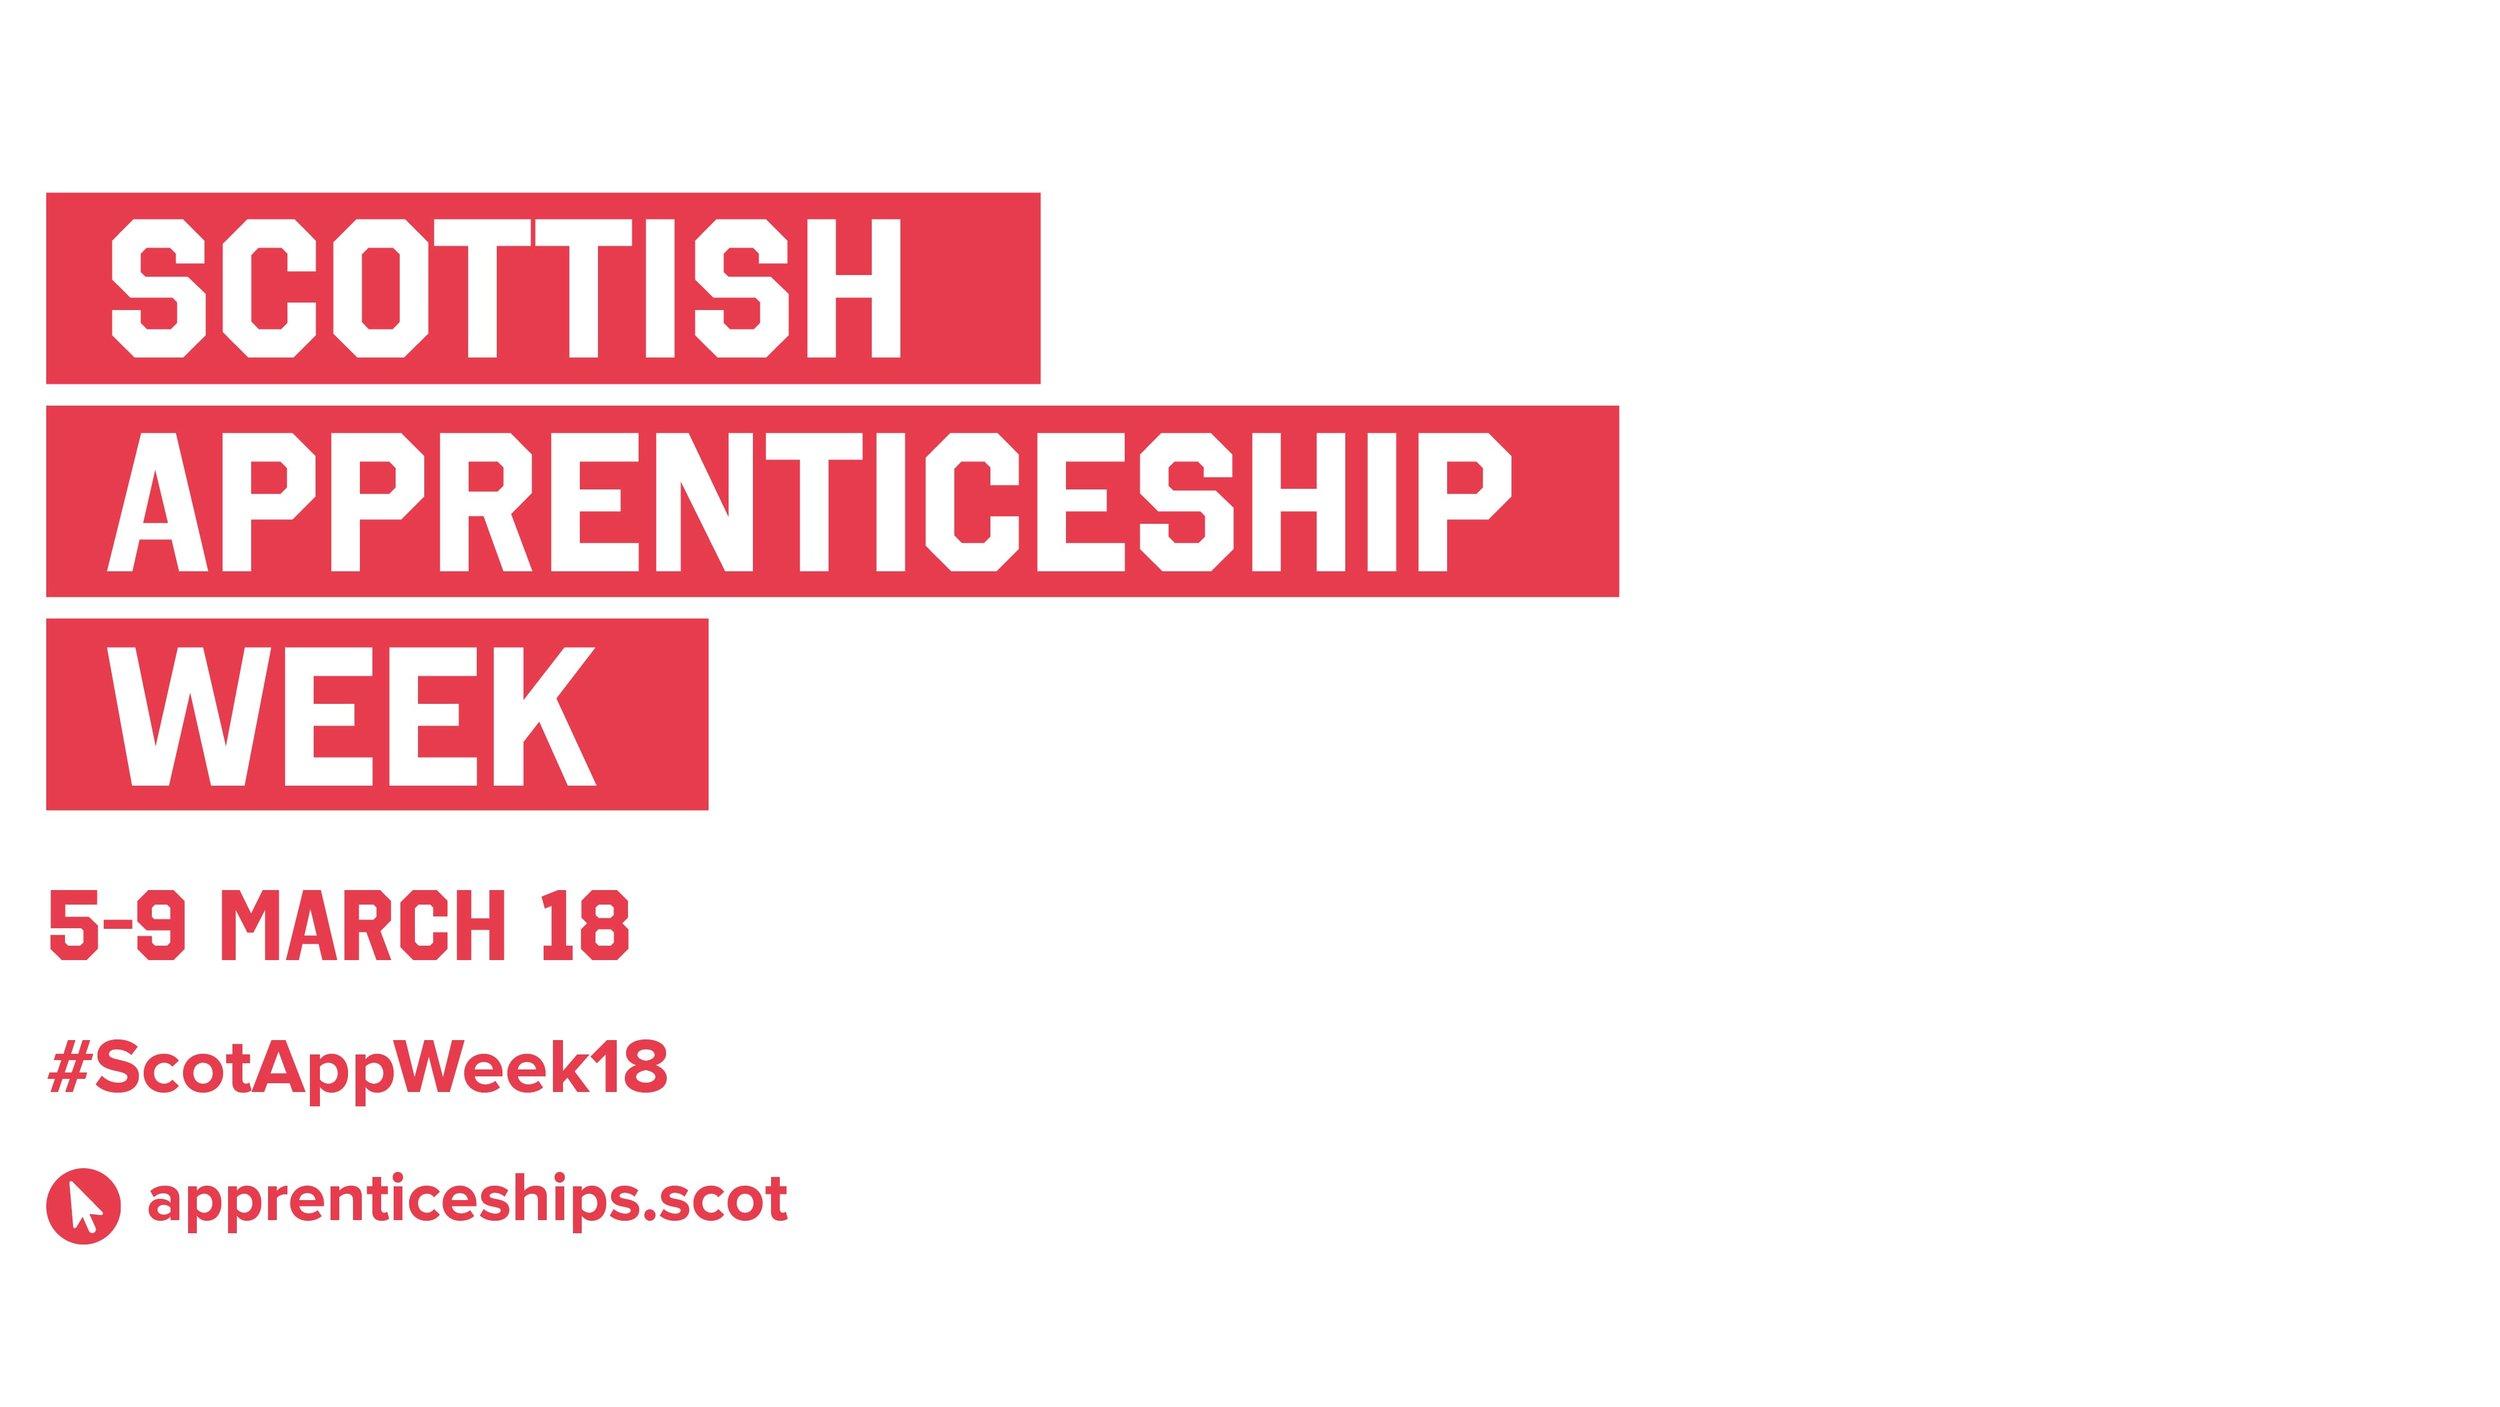 scottish apprenticeship week 2018